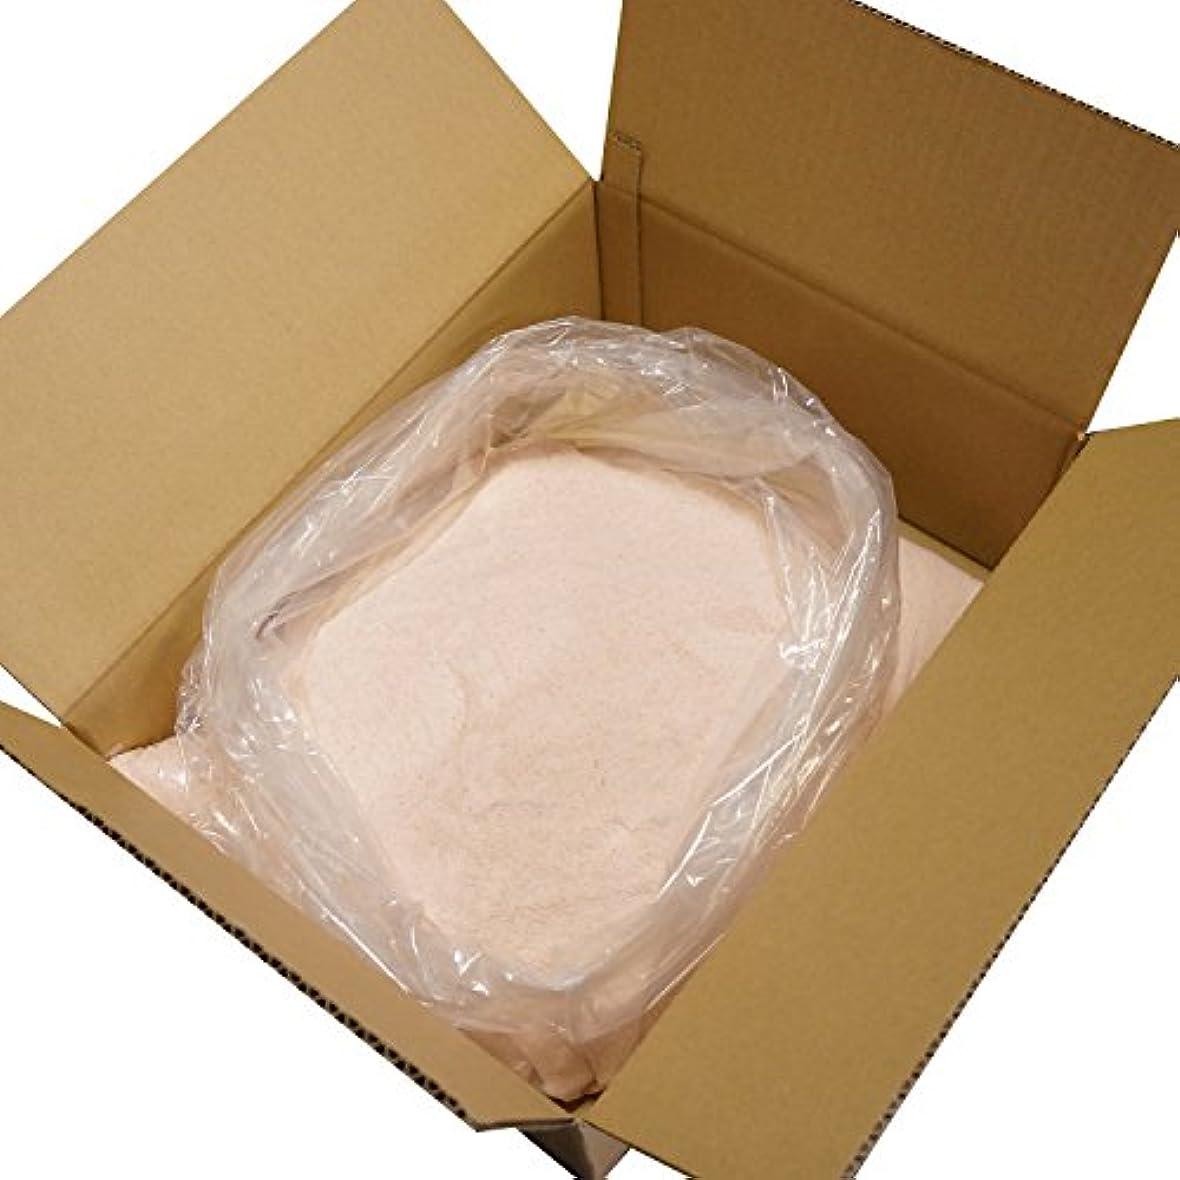 アスレチックバスト悲惨なヒマラヤ 岩塩 ピンク パウダー 細粒タイプ 業務用 原料 (5kg)